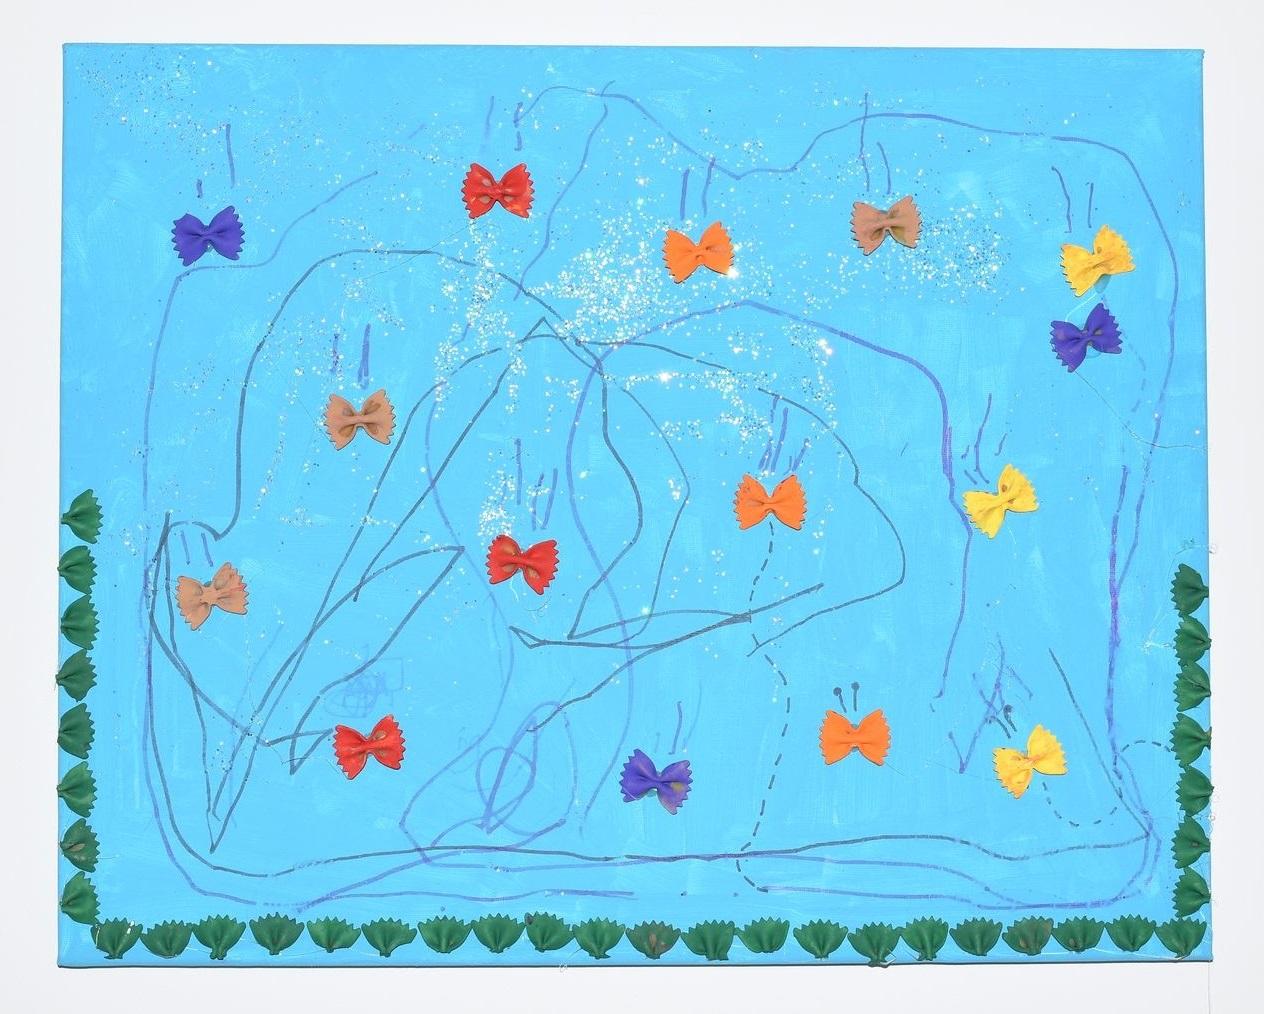 tableau-farfalle